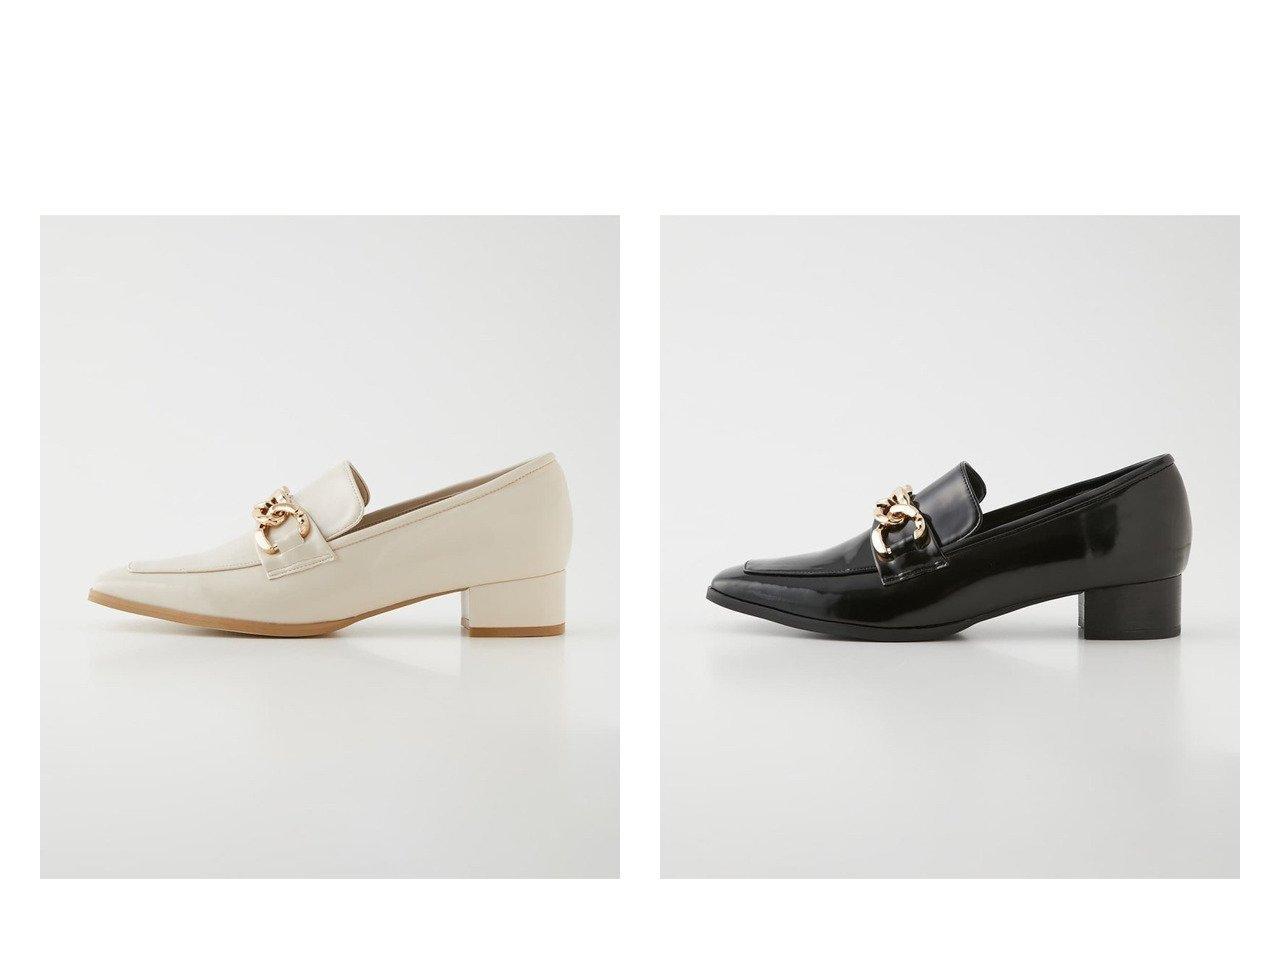 【rienda/リエンダ】のスクエアトゥチェーンローファー シューズ・靴のおすすめ!人気、トレンド・レディースファッションの通販 おすすめで人気の流行・トレンド、ファッションの通販商品 メンズファッション・キッズファッション・インテリア・家具・レディースファッション・服の通販 founy(ファニー) https://founy.com/ ファッション Fashion レディースファッション WOMEN シューズ スクエア チェーン |ID:crp329100000023359